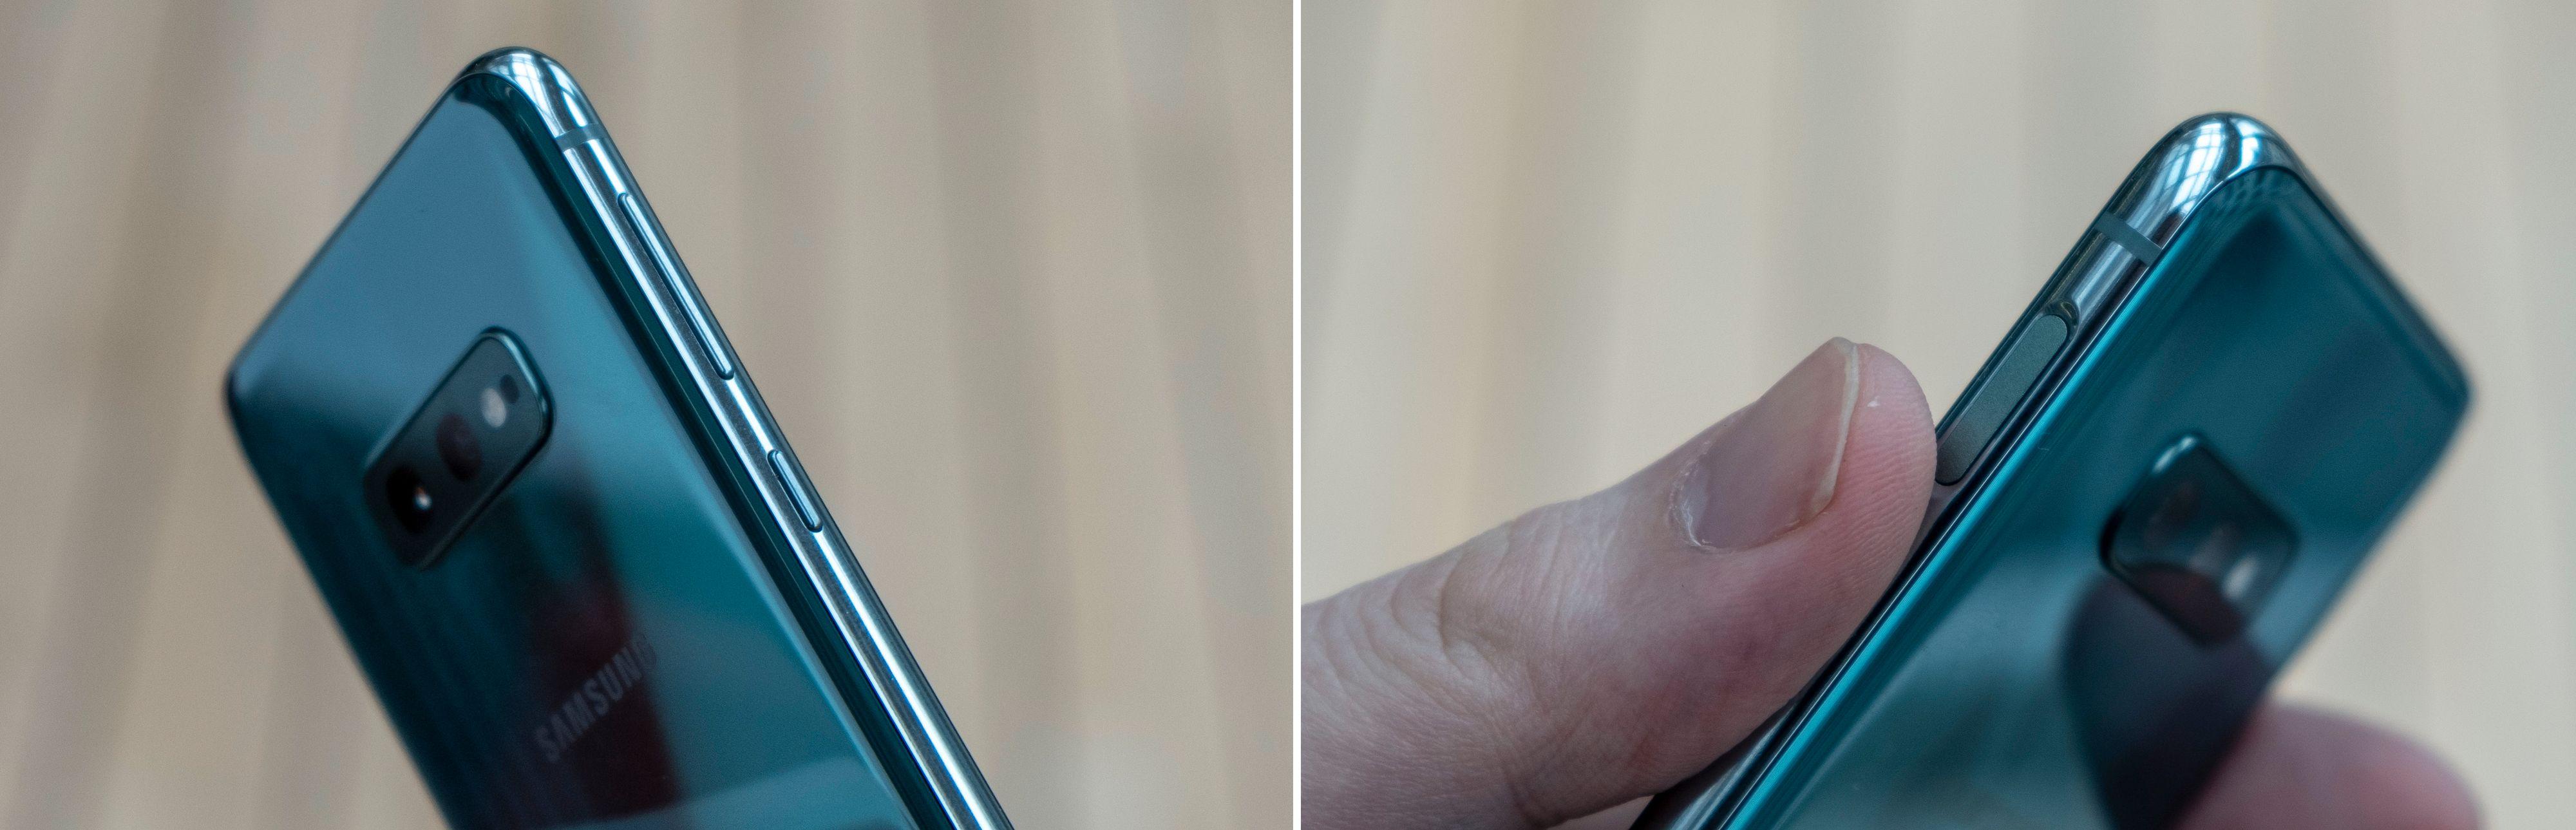 Samsungs Bixby-assistent snakker fortsatt ikke norsk og er fortsatt ikke så veldig nyttig. Men knapp skal den ha. Det er mulig å starte apper og funksjoner med knappen, men helt unna Bixby slipper du ikke.